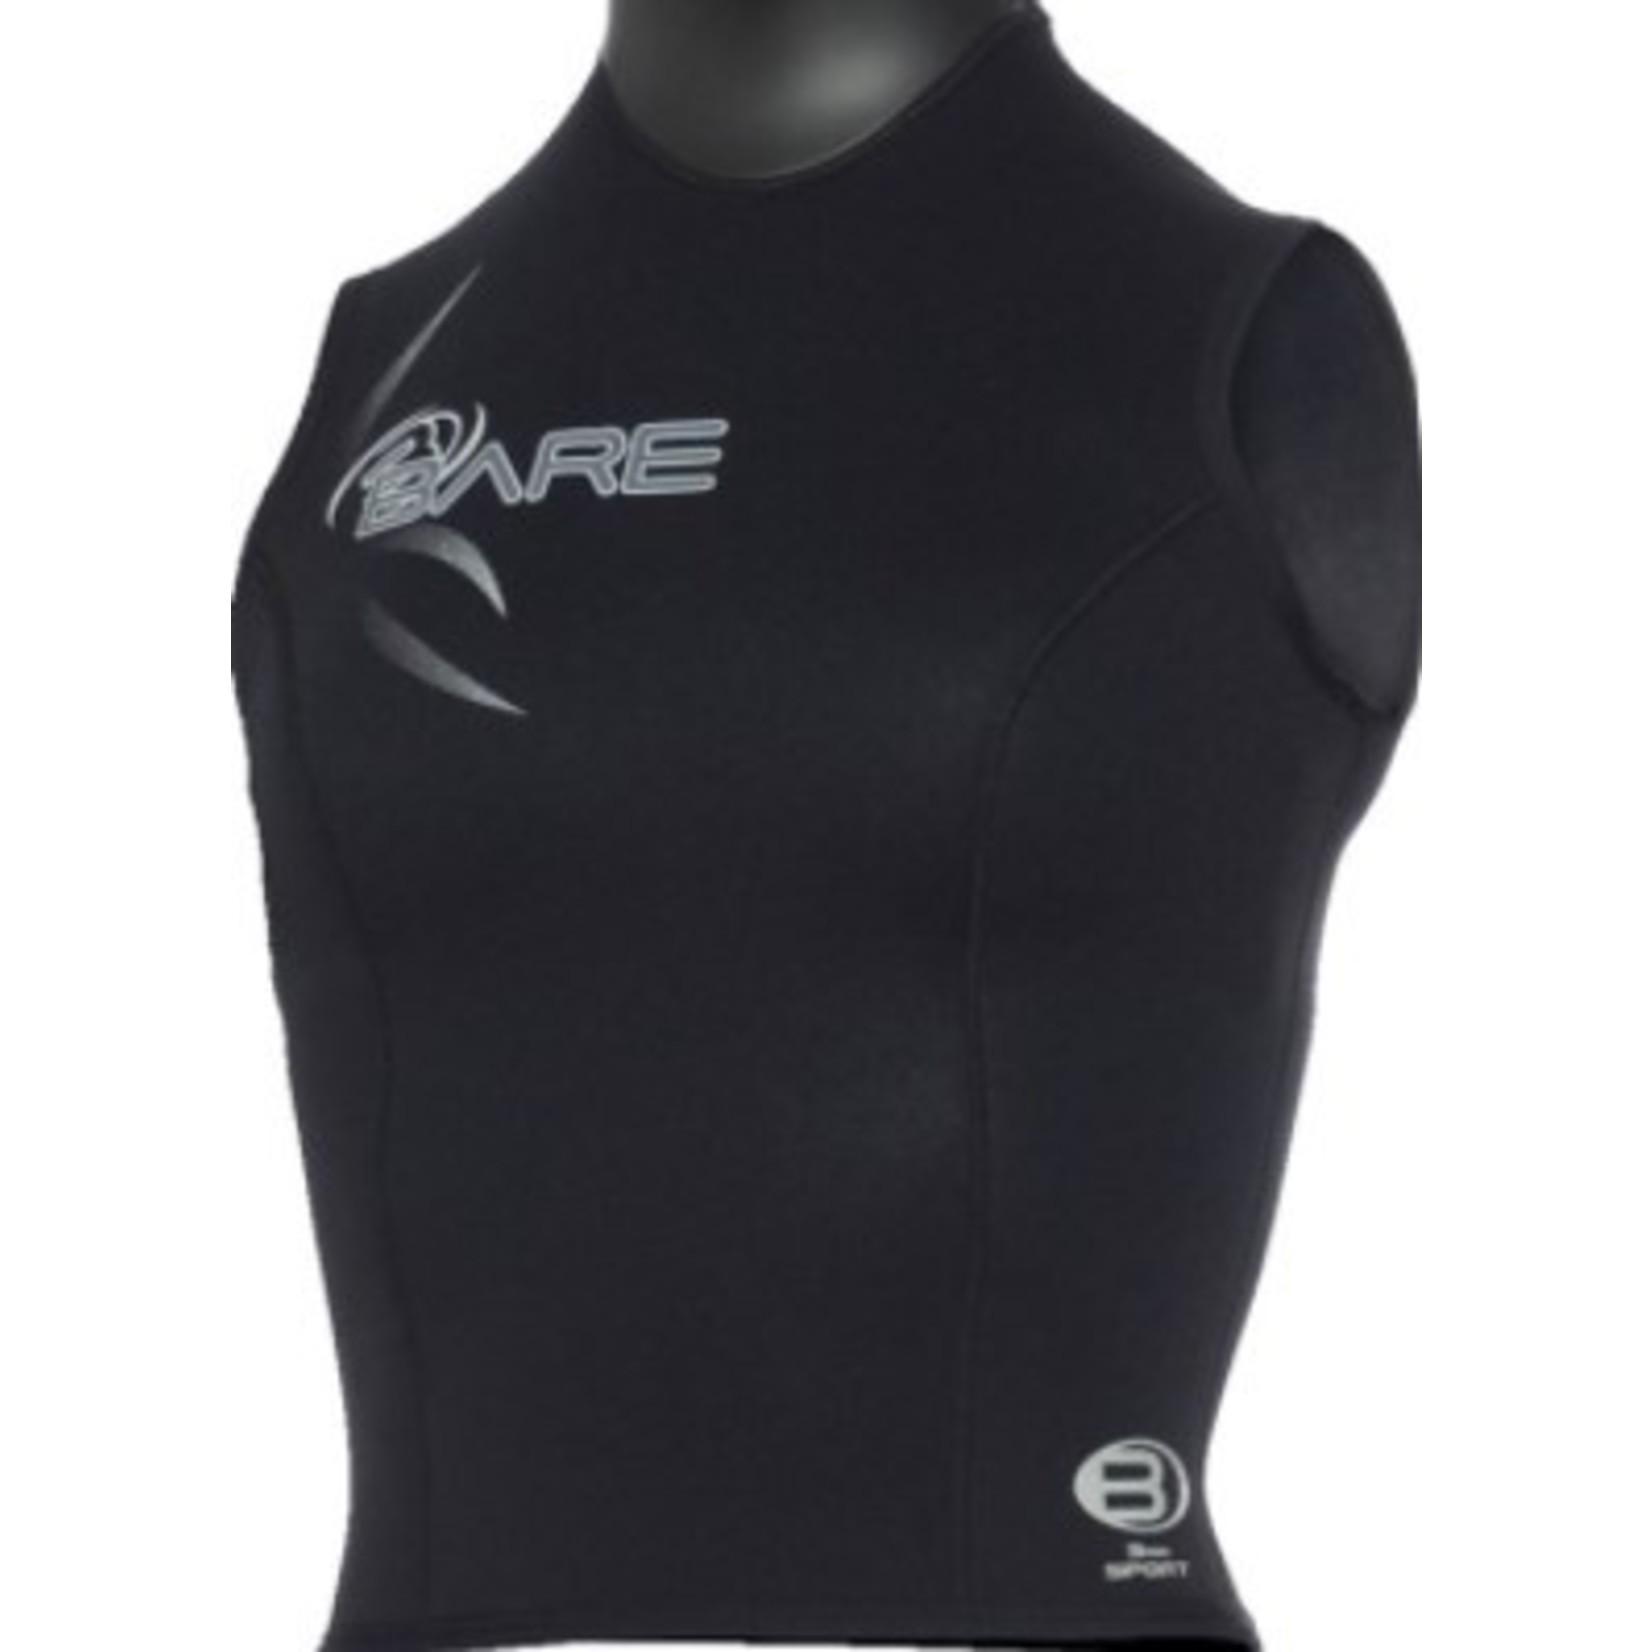 Bare 3mm Sport Vest Black - Women